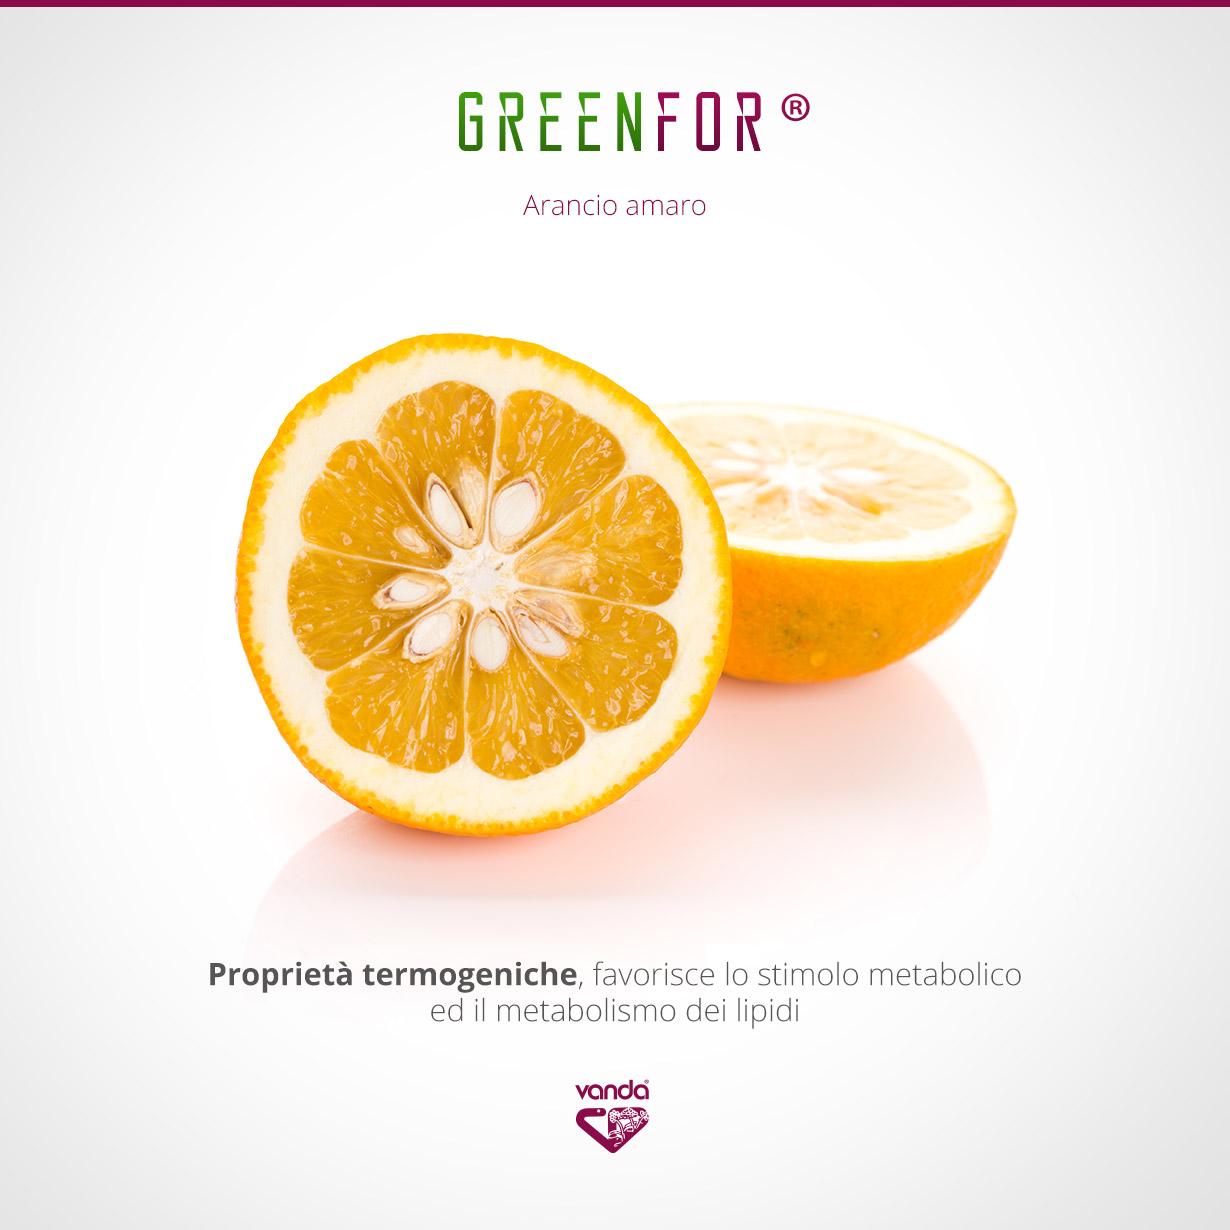 Arancio amaro, termogenico naturale